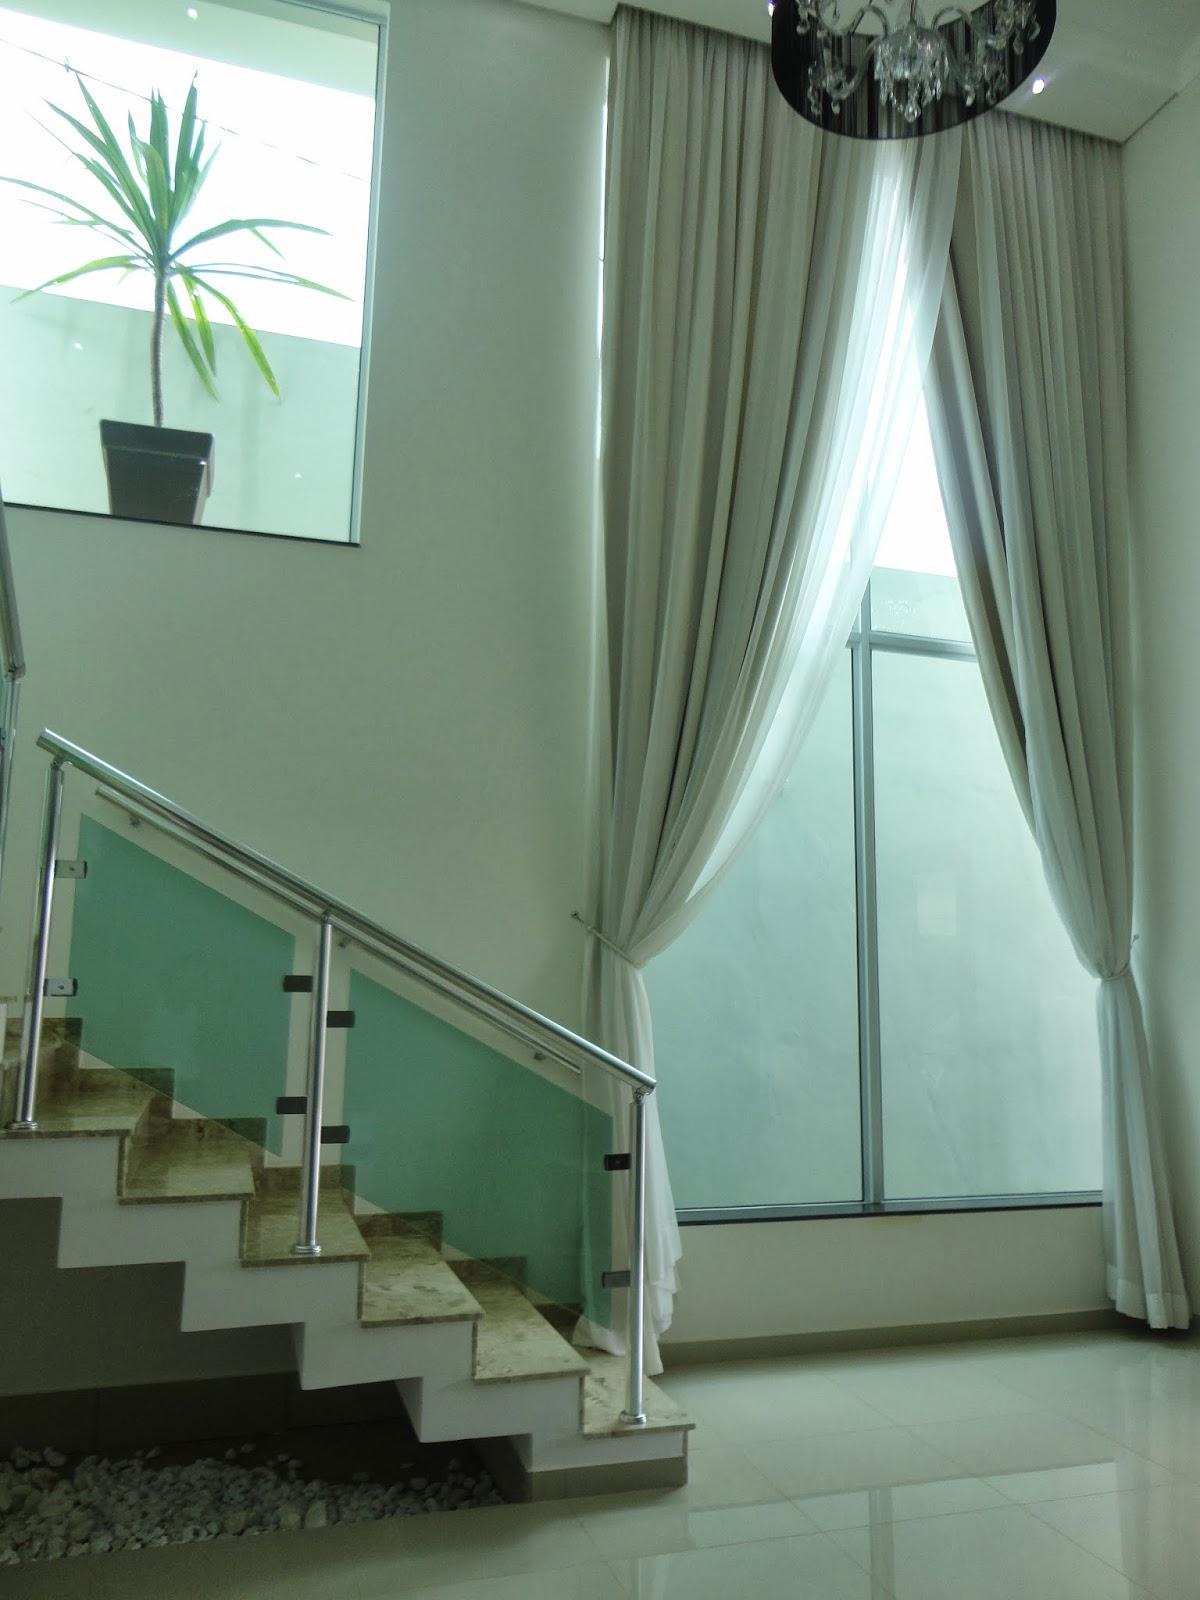 de ideias pra colocar nichos e penduradores de toalhas no banheiro  #5D9536 1200 1600